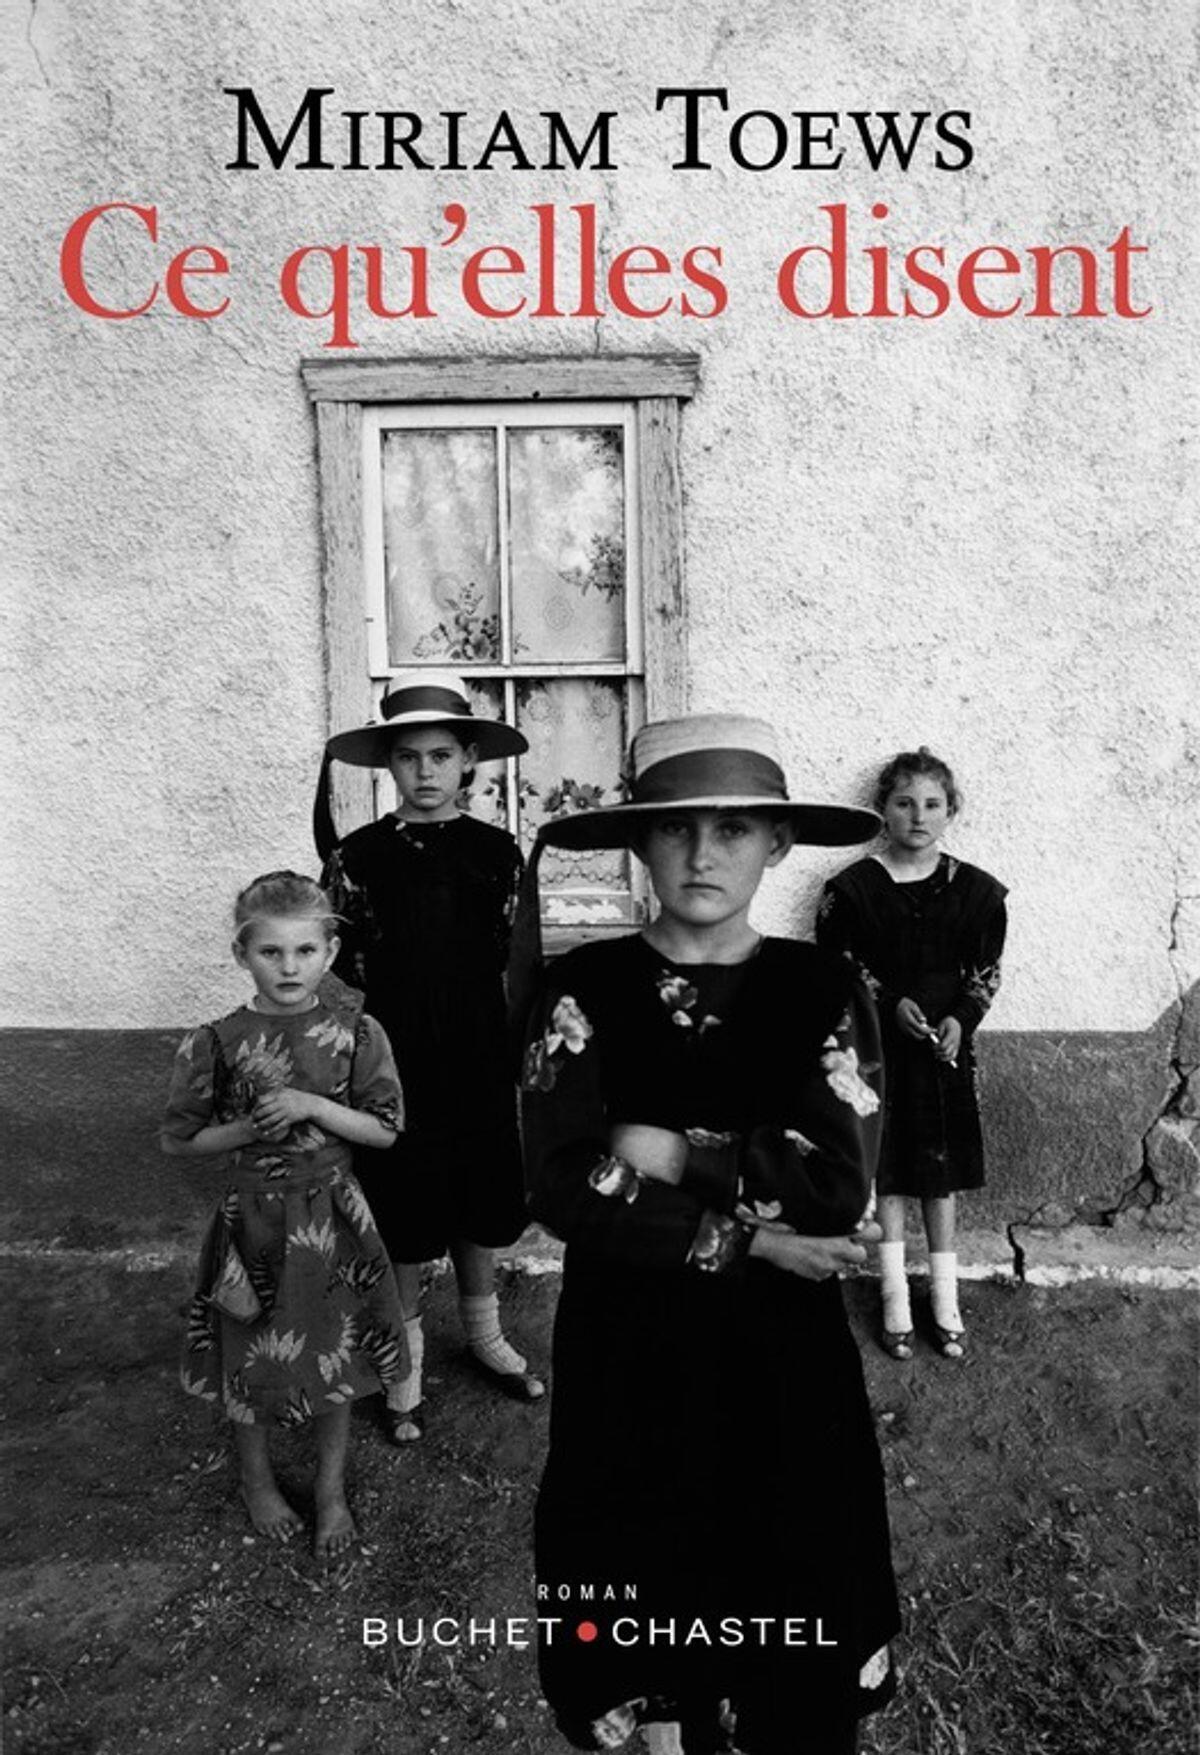 Édition française du nouveau roman de la canadienne Miriam Toews